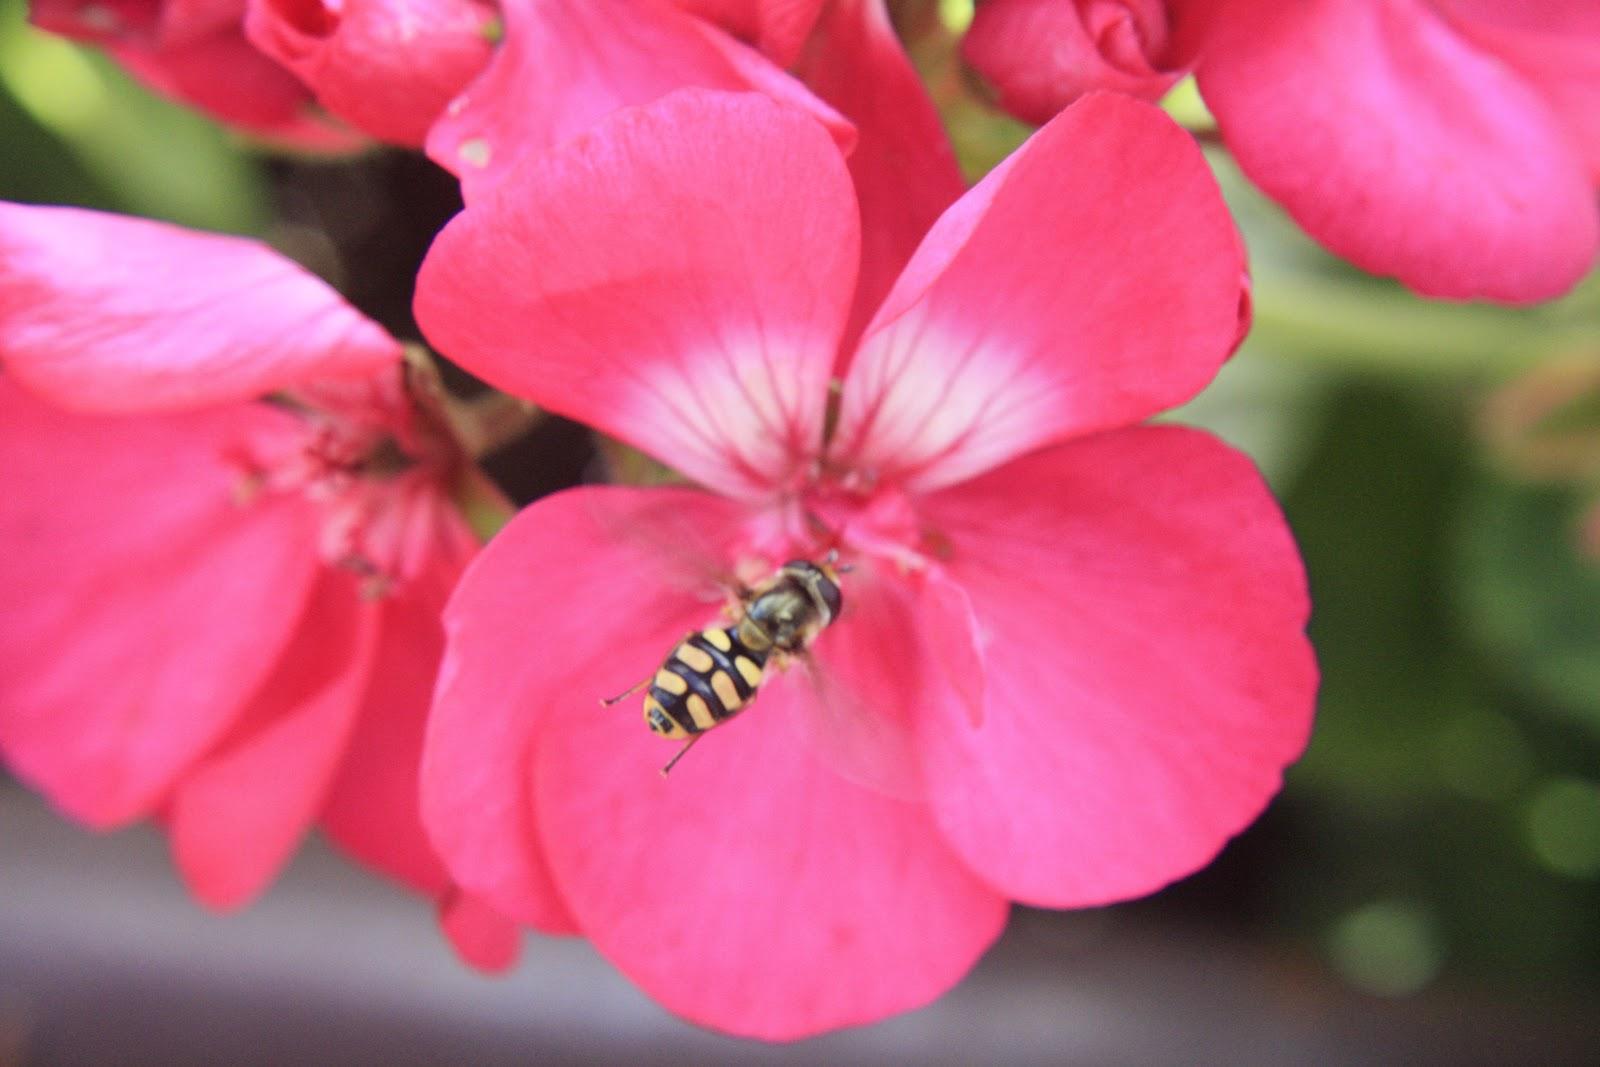 unterfrankes welt geranie teil 4 mit insekt. Black Bedroom Furniture Sets. Home Design Ideas